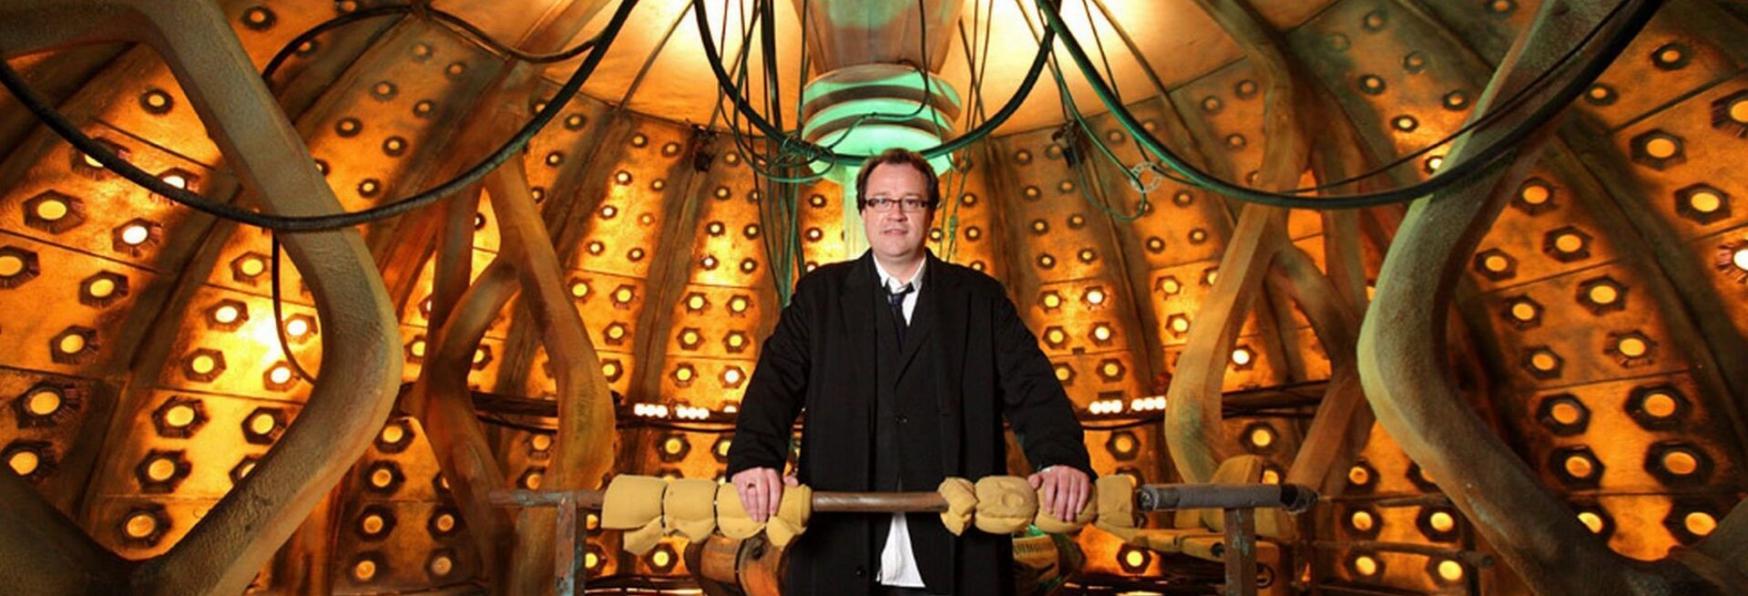 Doctor Who 14: Russell T. Davies sarà di nuovo lo Showrunner della Serie TV BBC